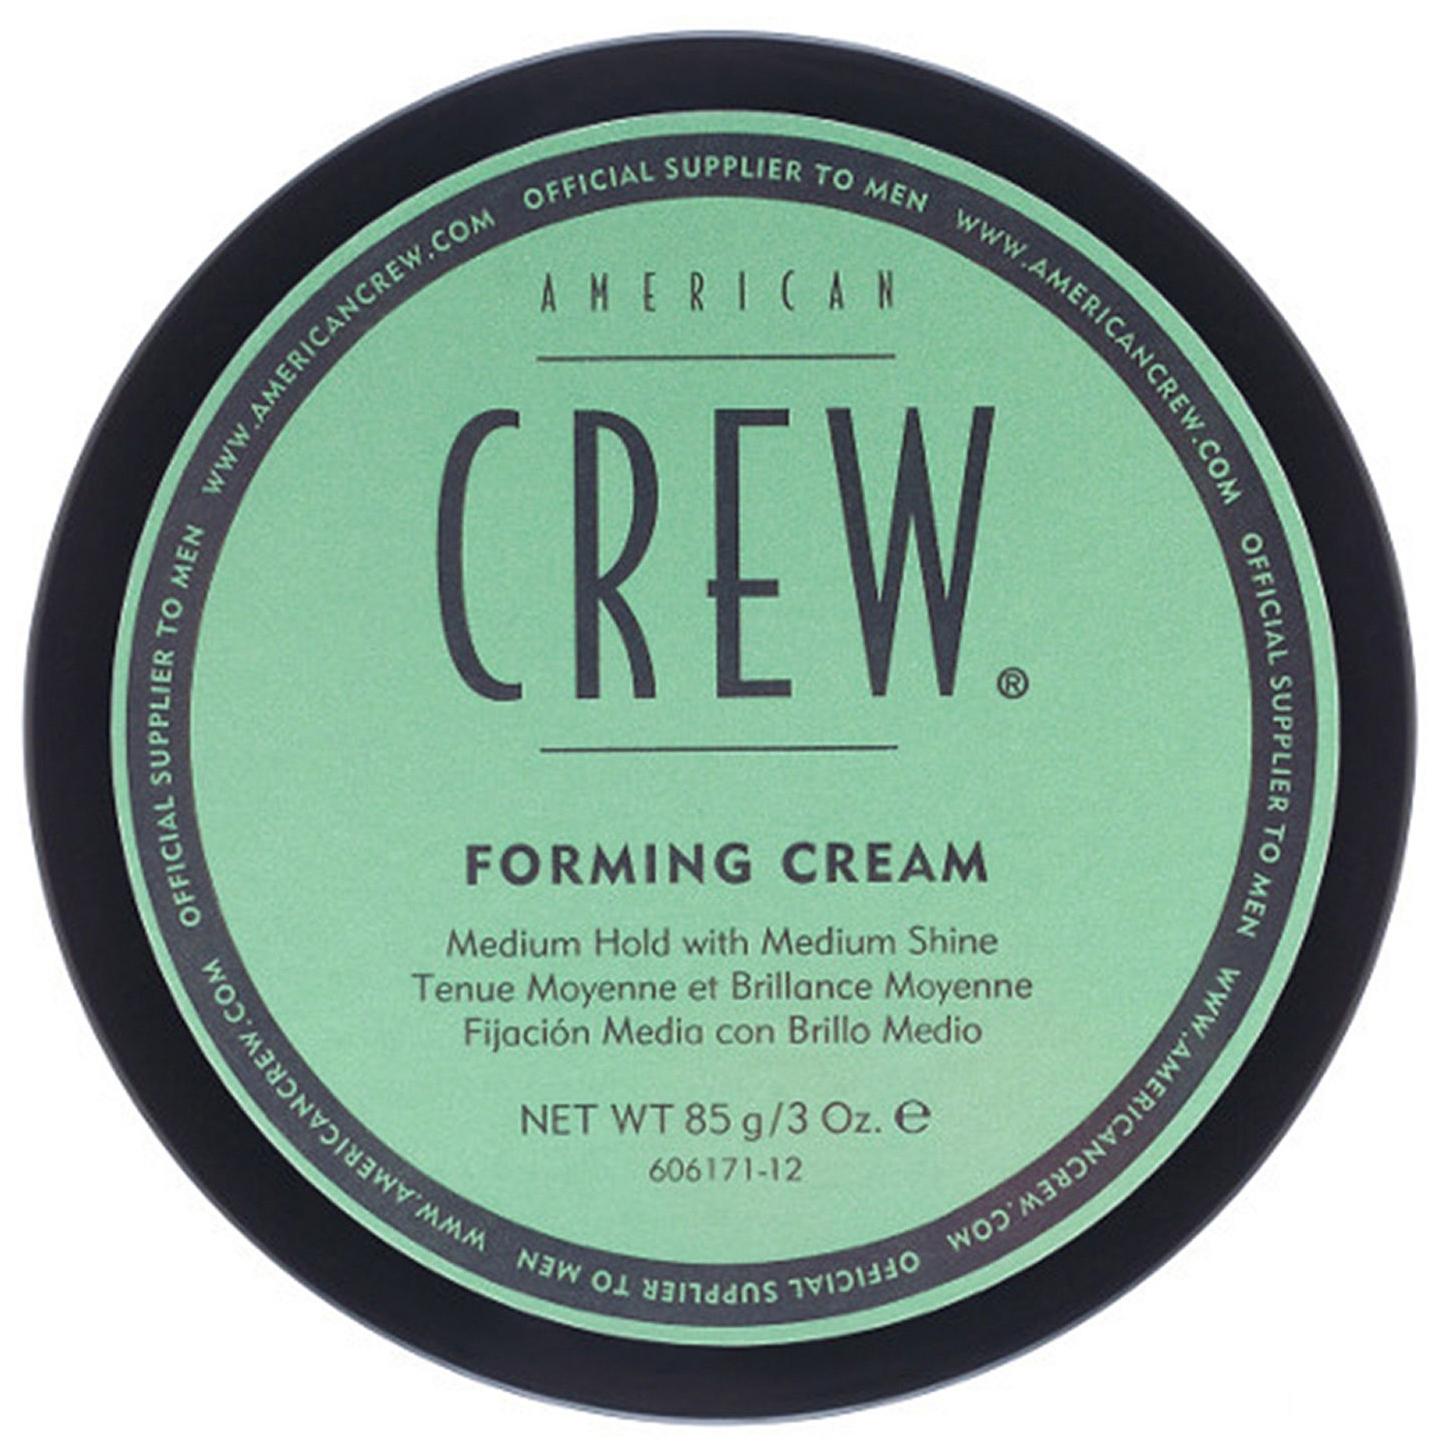 Крем для укладки волос American Crew Forming